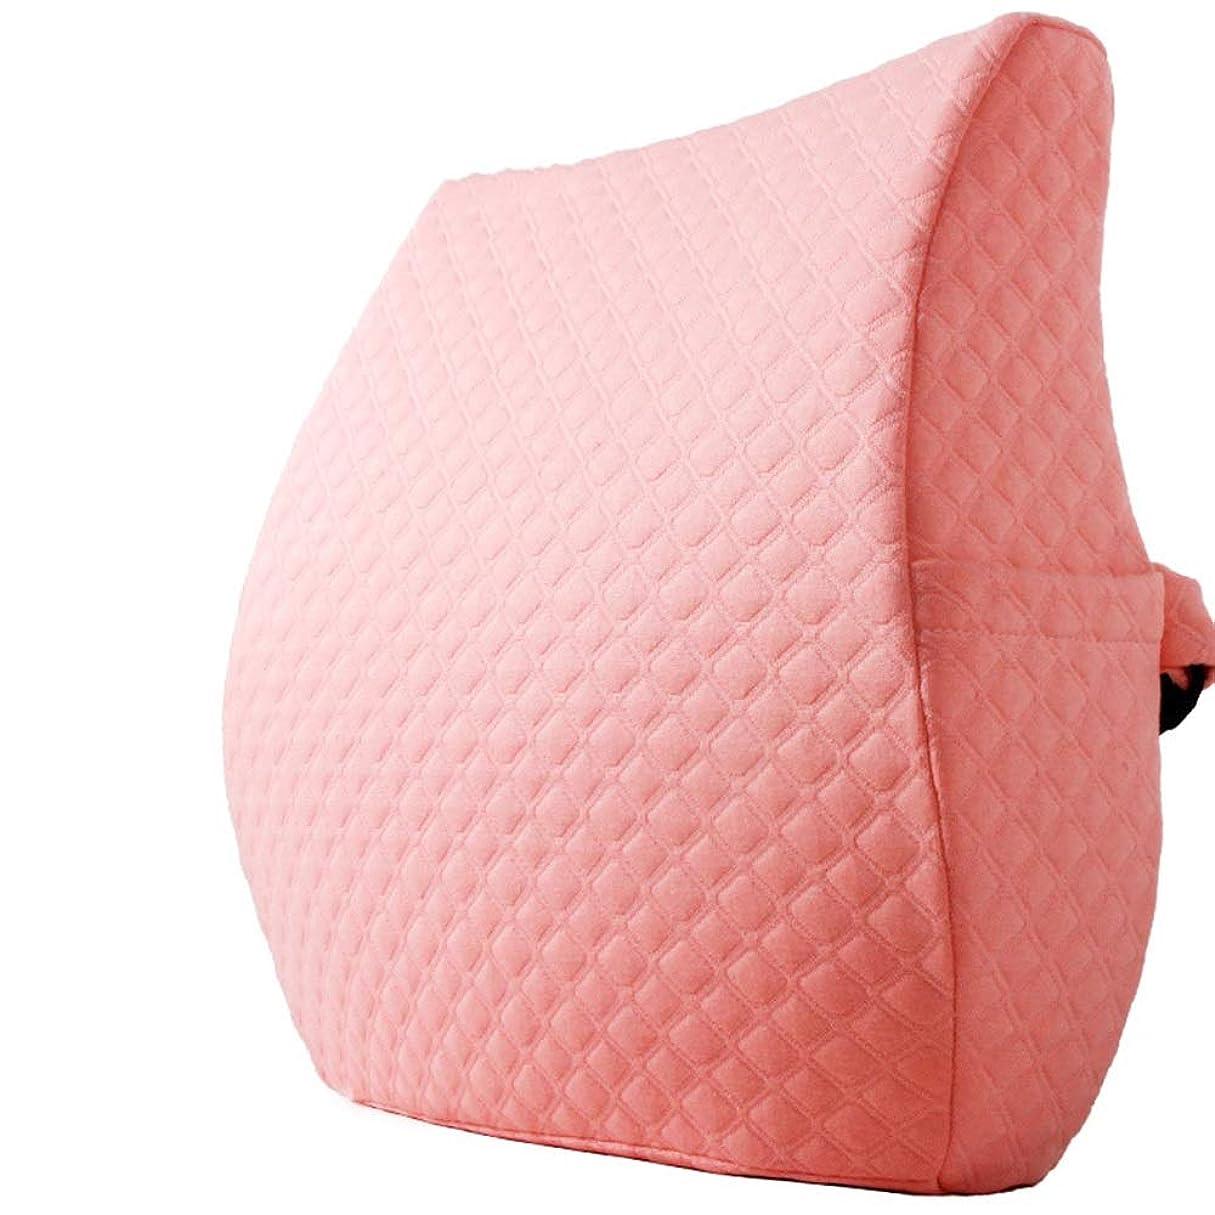 罹患率うそつきフォアマン腰まくら 記憶泡の救助が付いているオフィスの椅子のための腰椎サポート枕背部クッション多目的車のソファーのための腰痛 (色 : ピンク, サイズ : Free size)